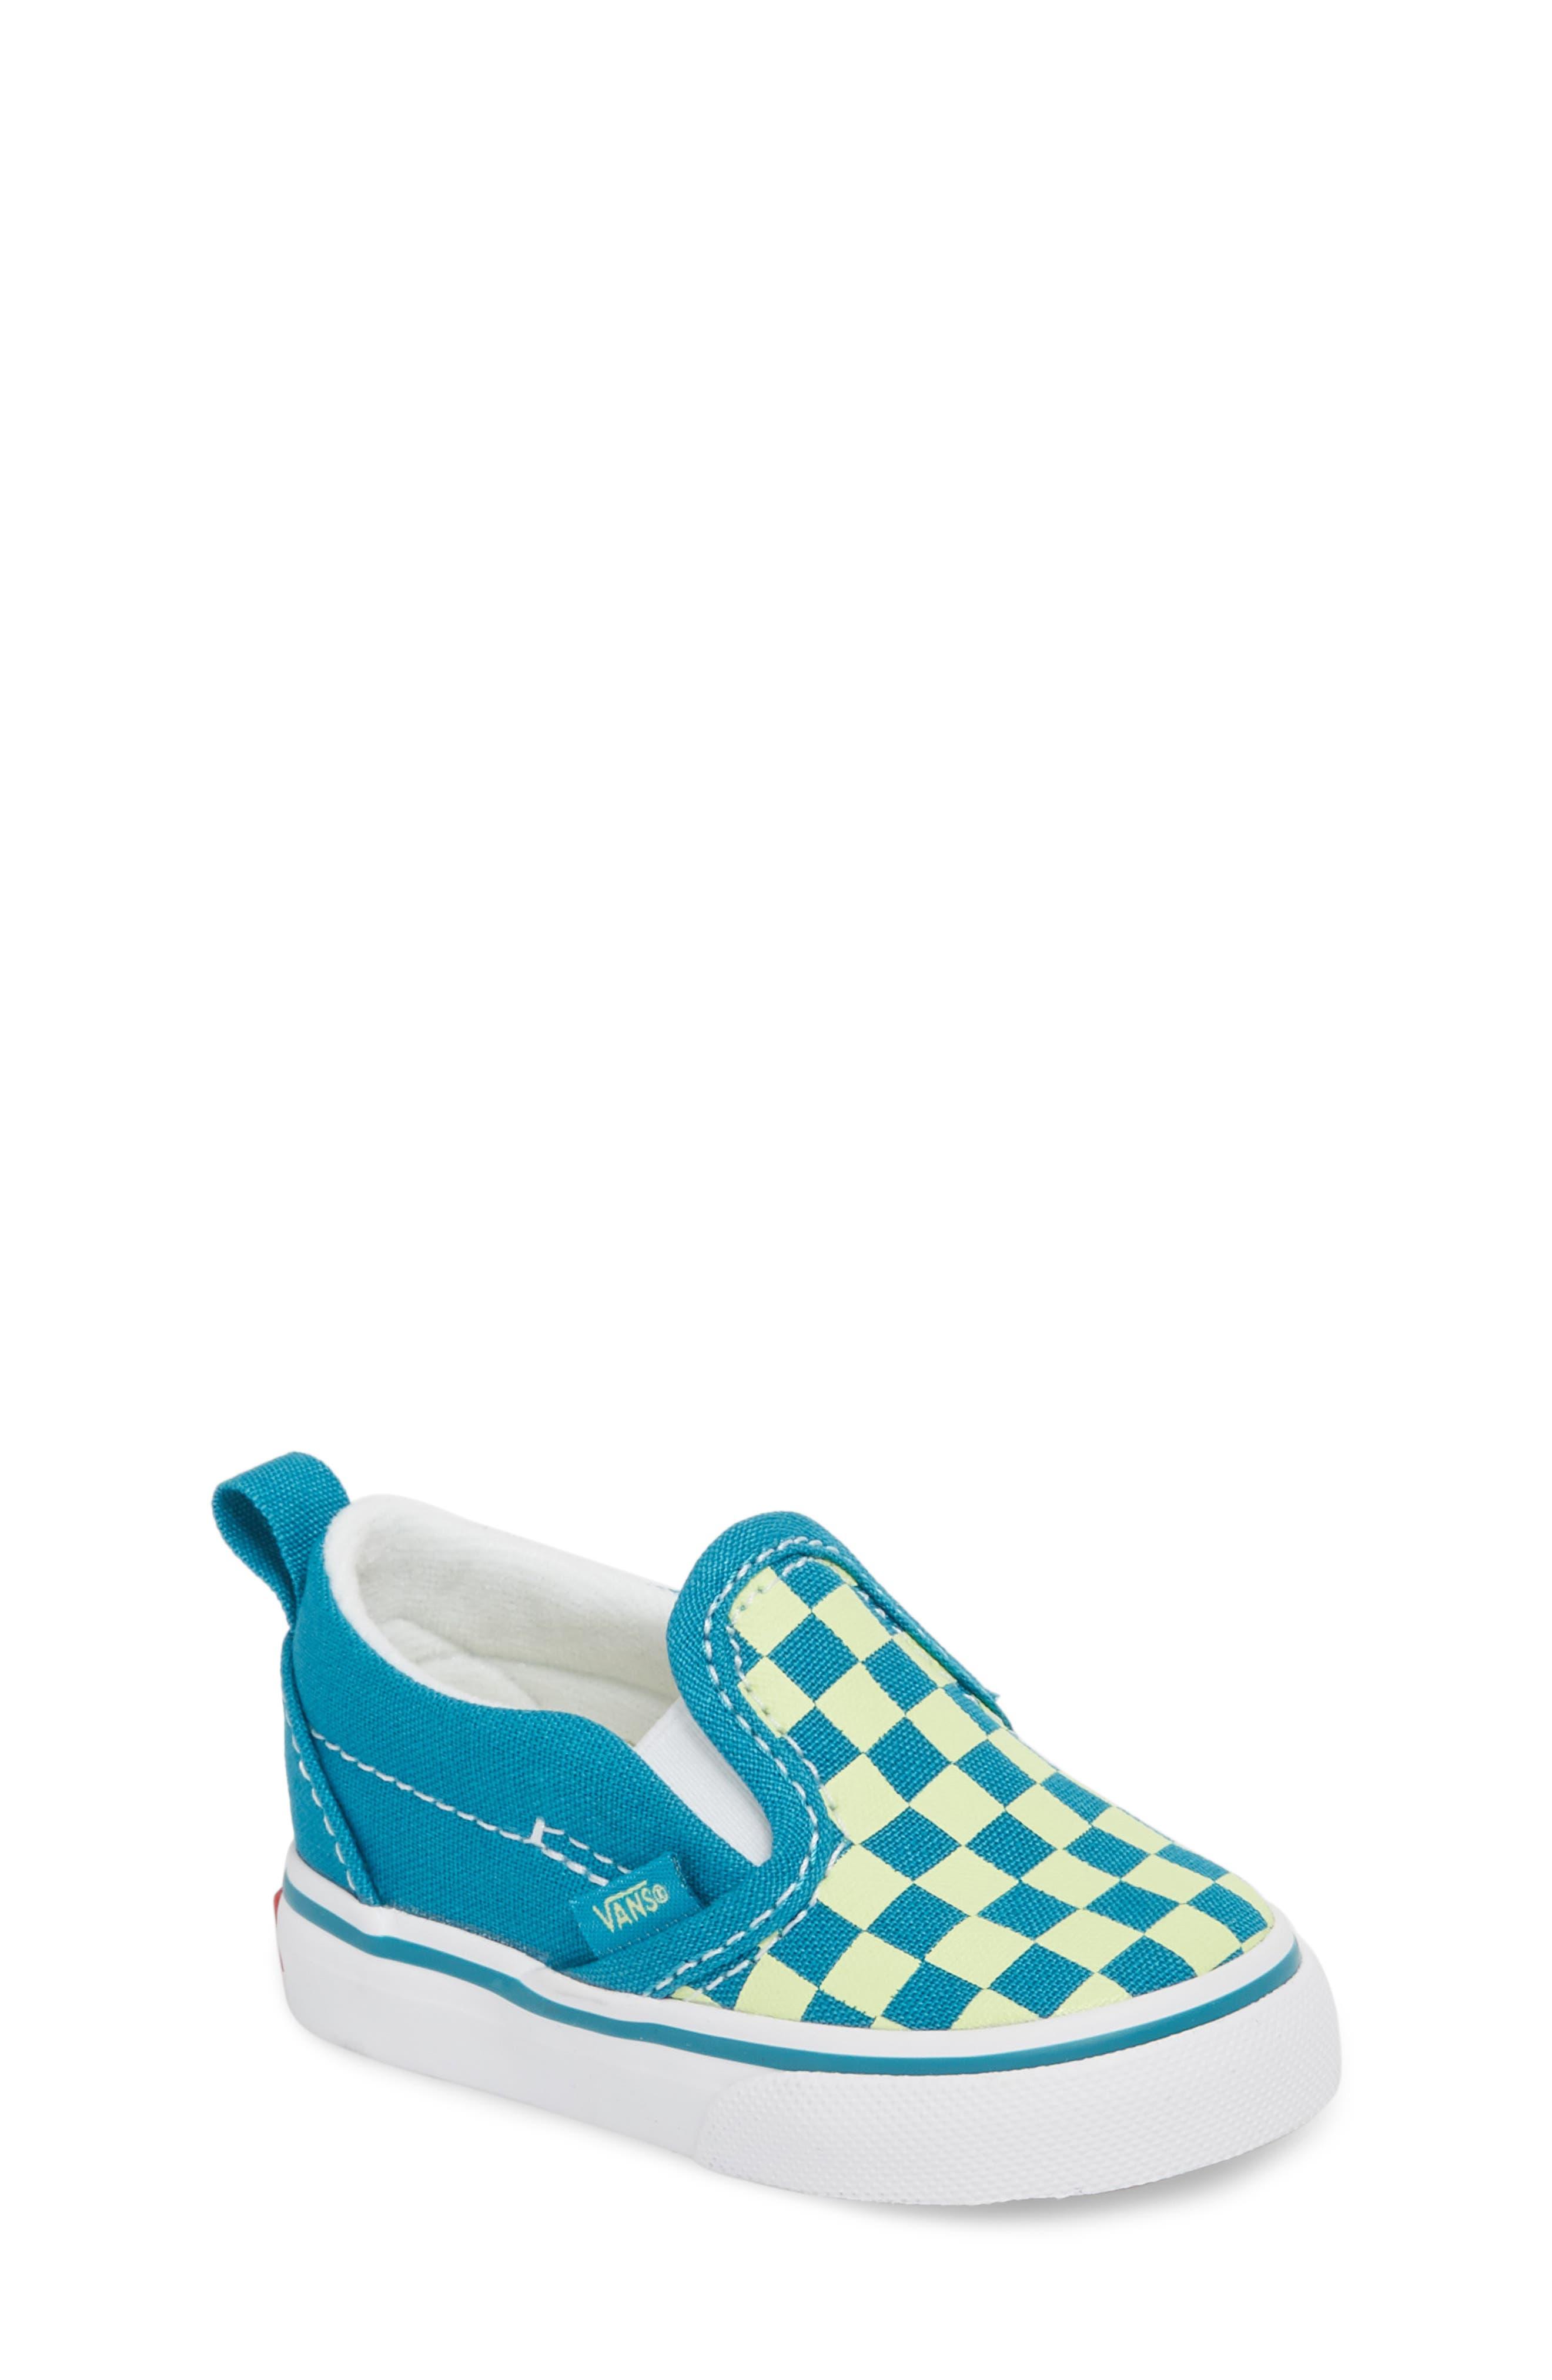 Slip-On Crib Shoe,                             Main thumbnail 1, color,                             ENAMEL BLUE/ SHARP GREEN